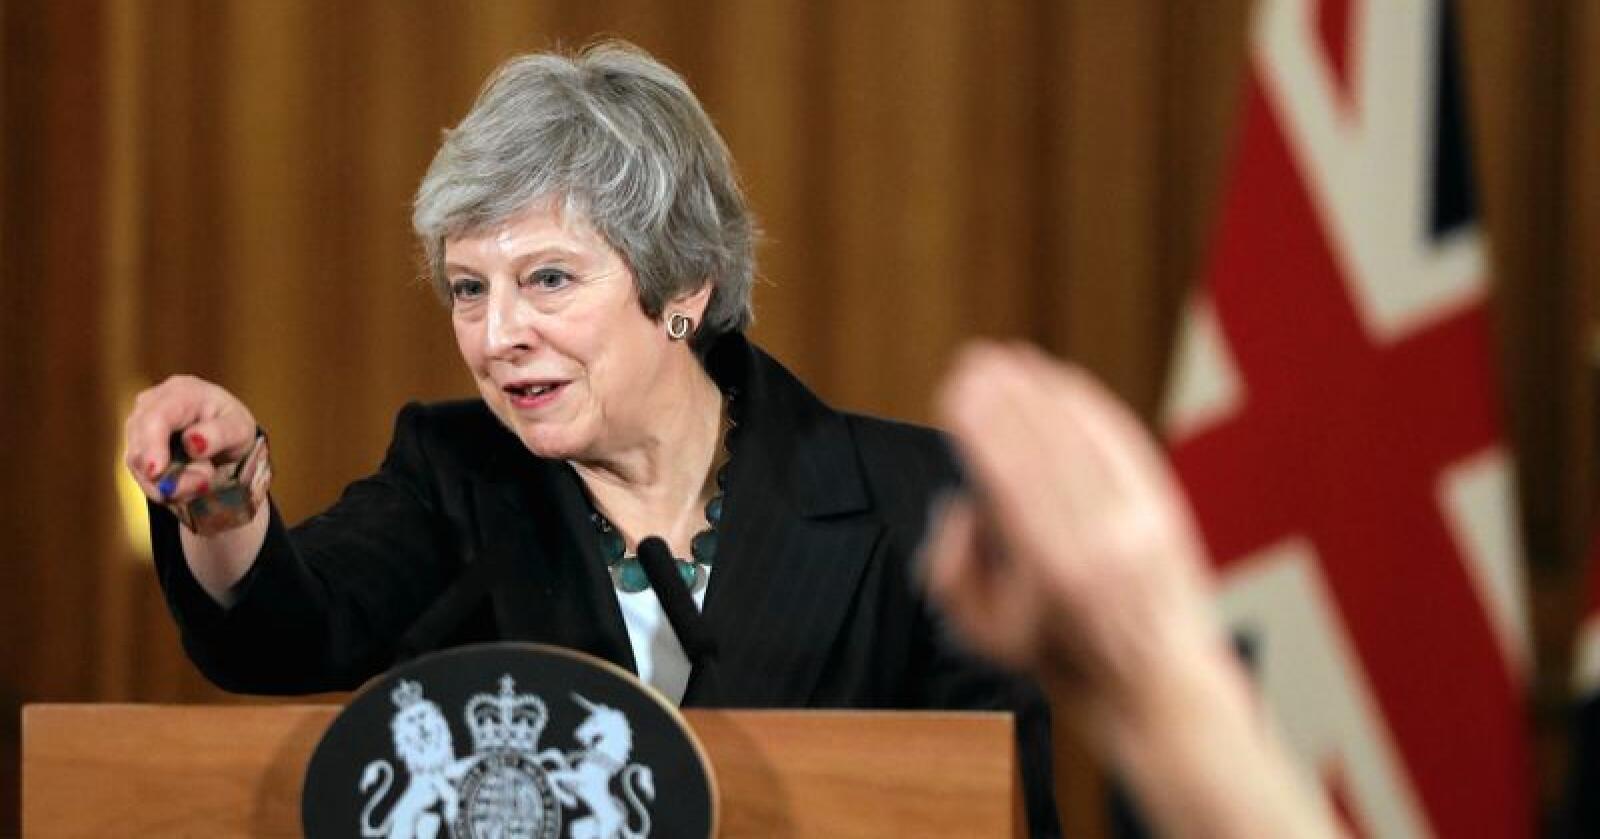 Storbritannias statsminister Theresa May kjemper hardt for å redde et utkast til en utmeldingsavtale med EU, som møter motstand både fra opposisjonen i Underhuset og Mays eget parti. Foto: AP / NTB scanpix.